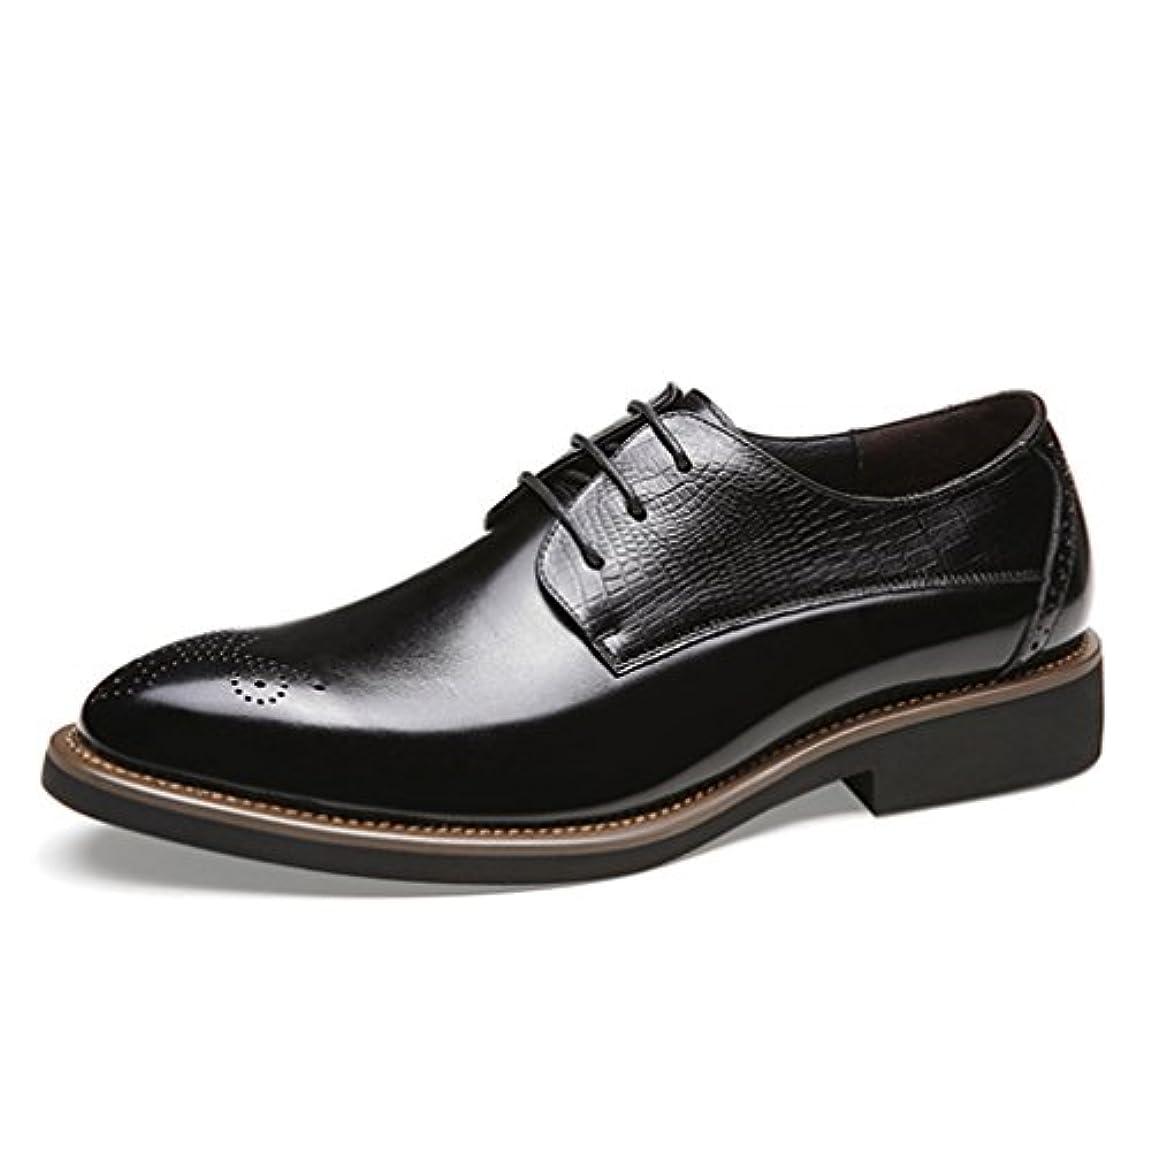 罪悪感超える泥だらけ革靴 メンズ ビジネスシューズ レースアップ 疲れない プレーントゥ コンフォートシューズ 通勤 出張 卒業式 24.0cm 24.5cm 25.0cm 25.5cm 26.0cm 26.5cm 27.0cm 「イノヤ」